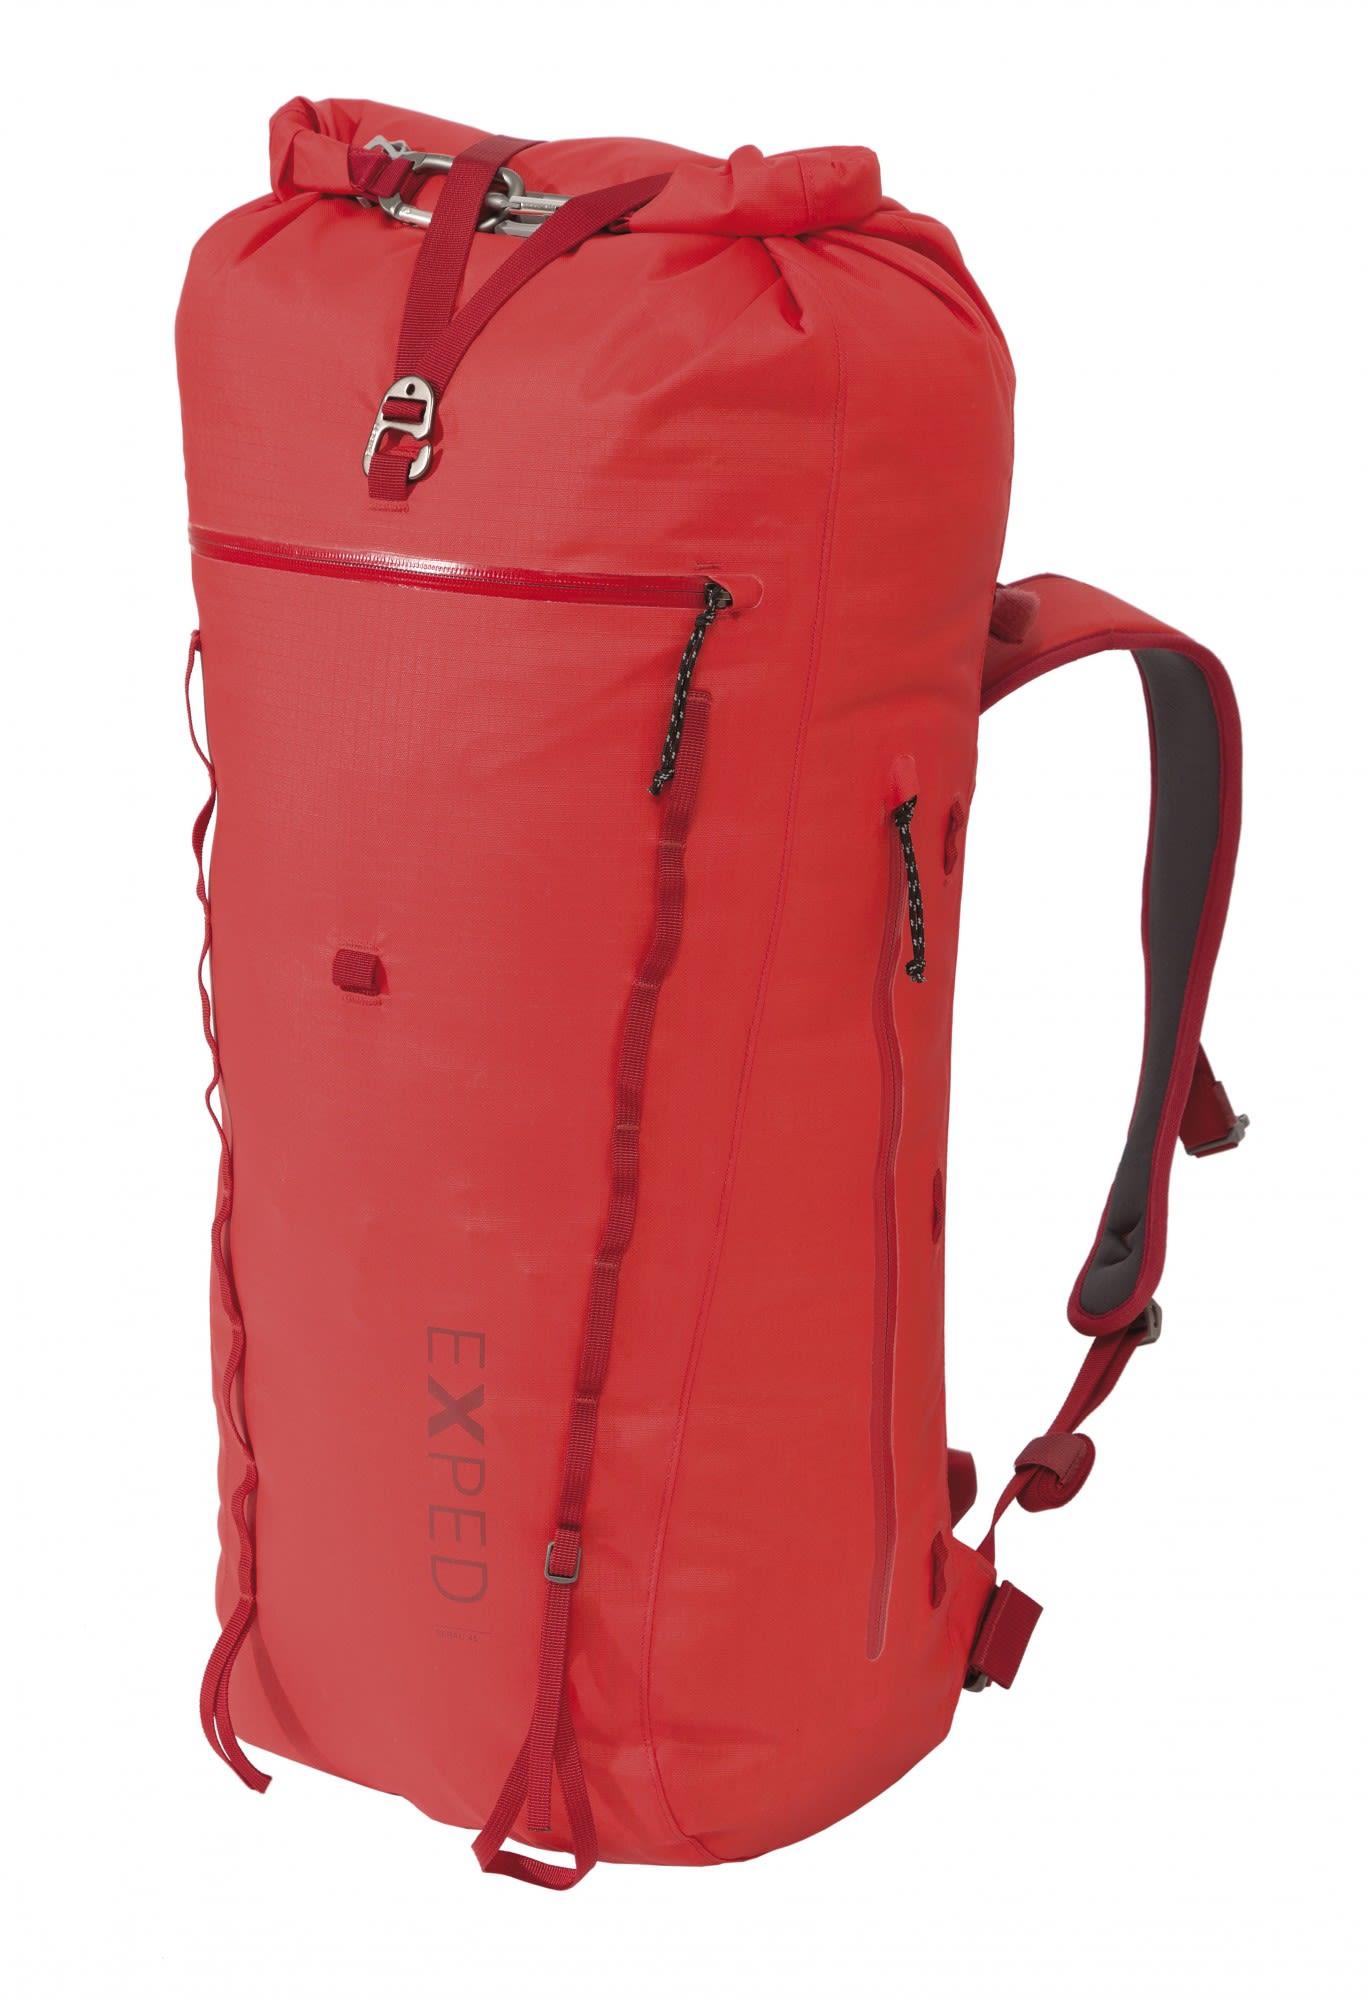 Exped Serac 45, Red | Größe 45l - M |  Alpin- & Trekkingrucksack